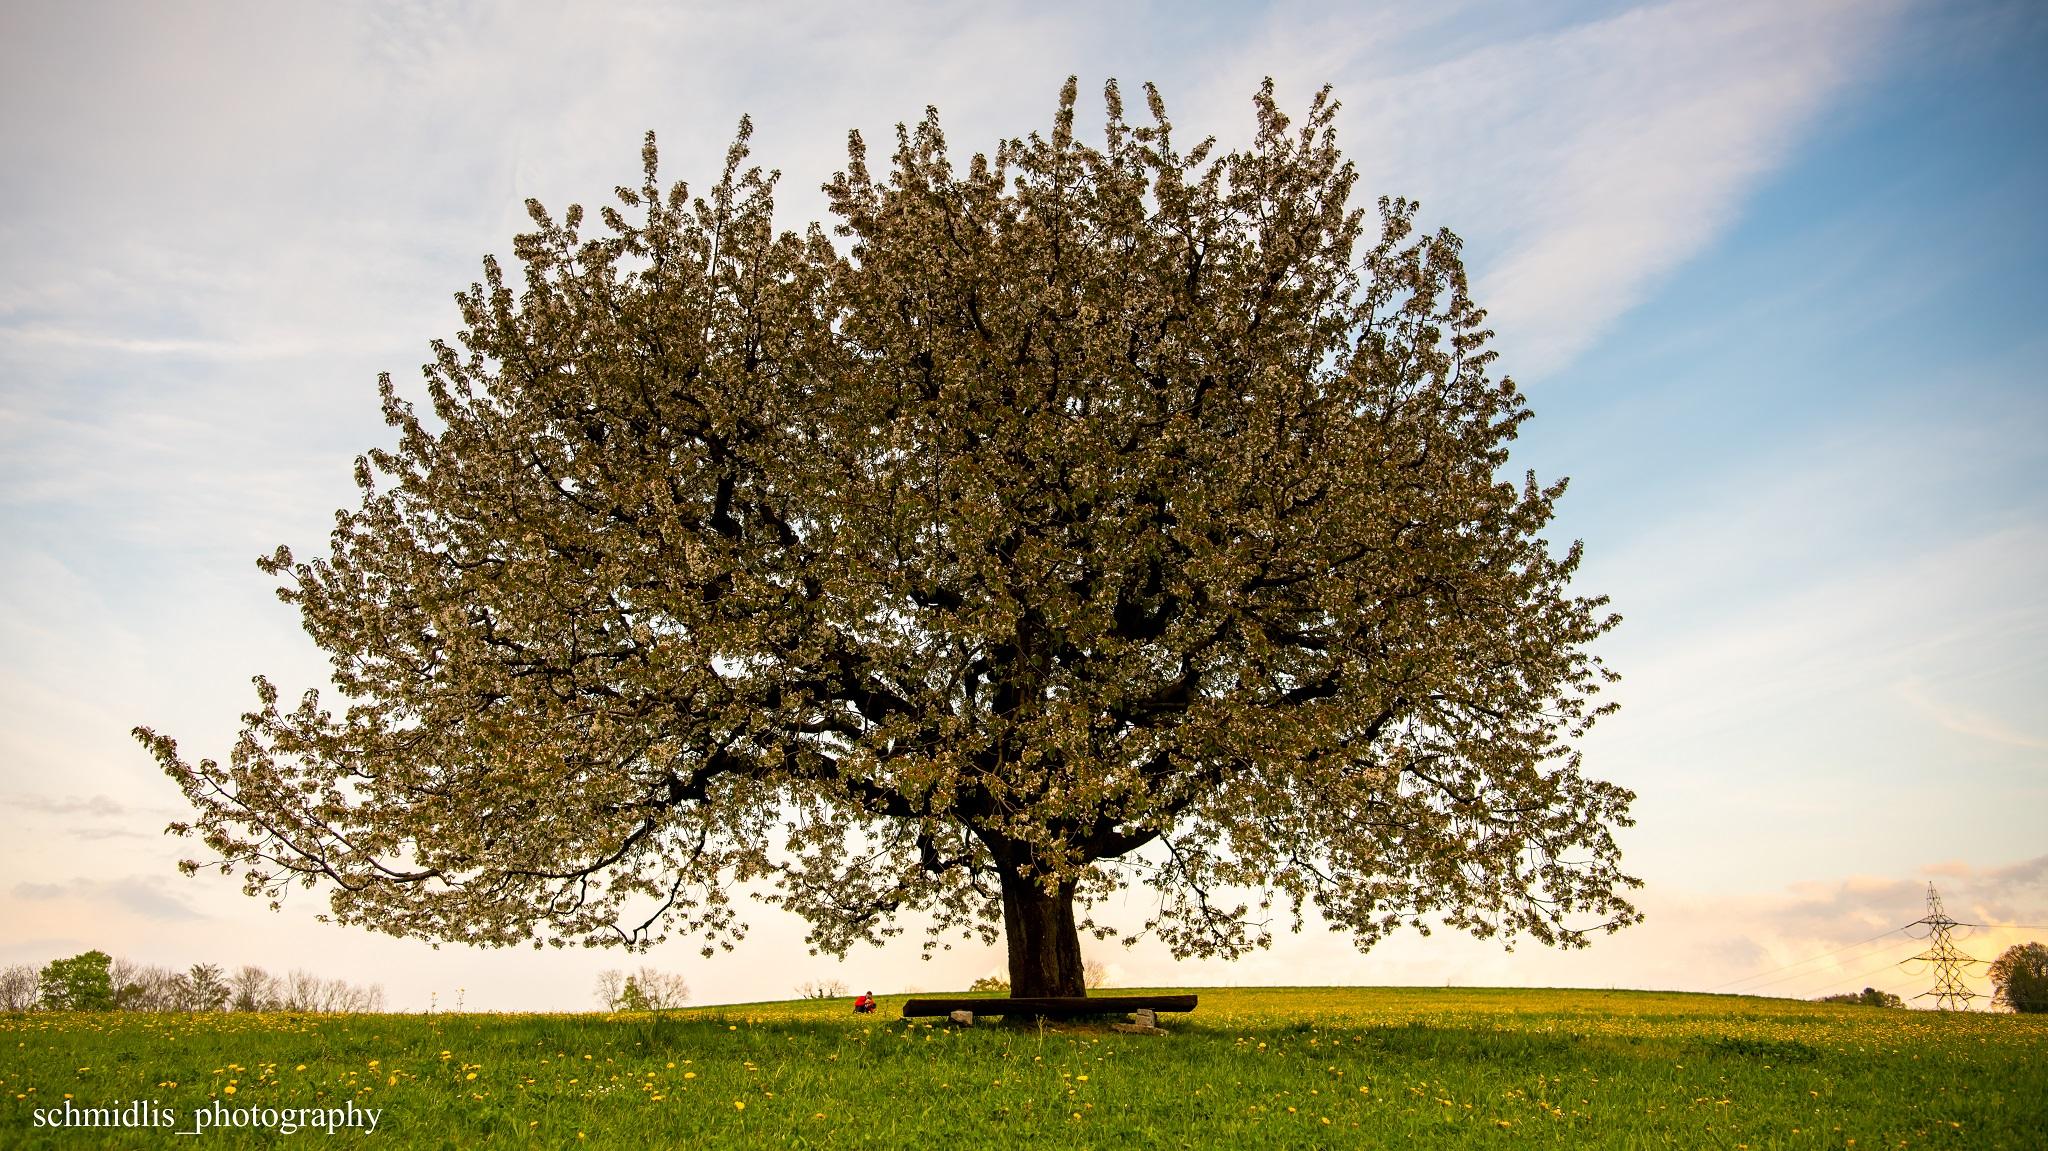 Kirschblütenbaum, Switzerland